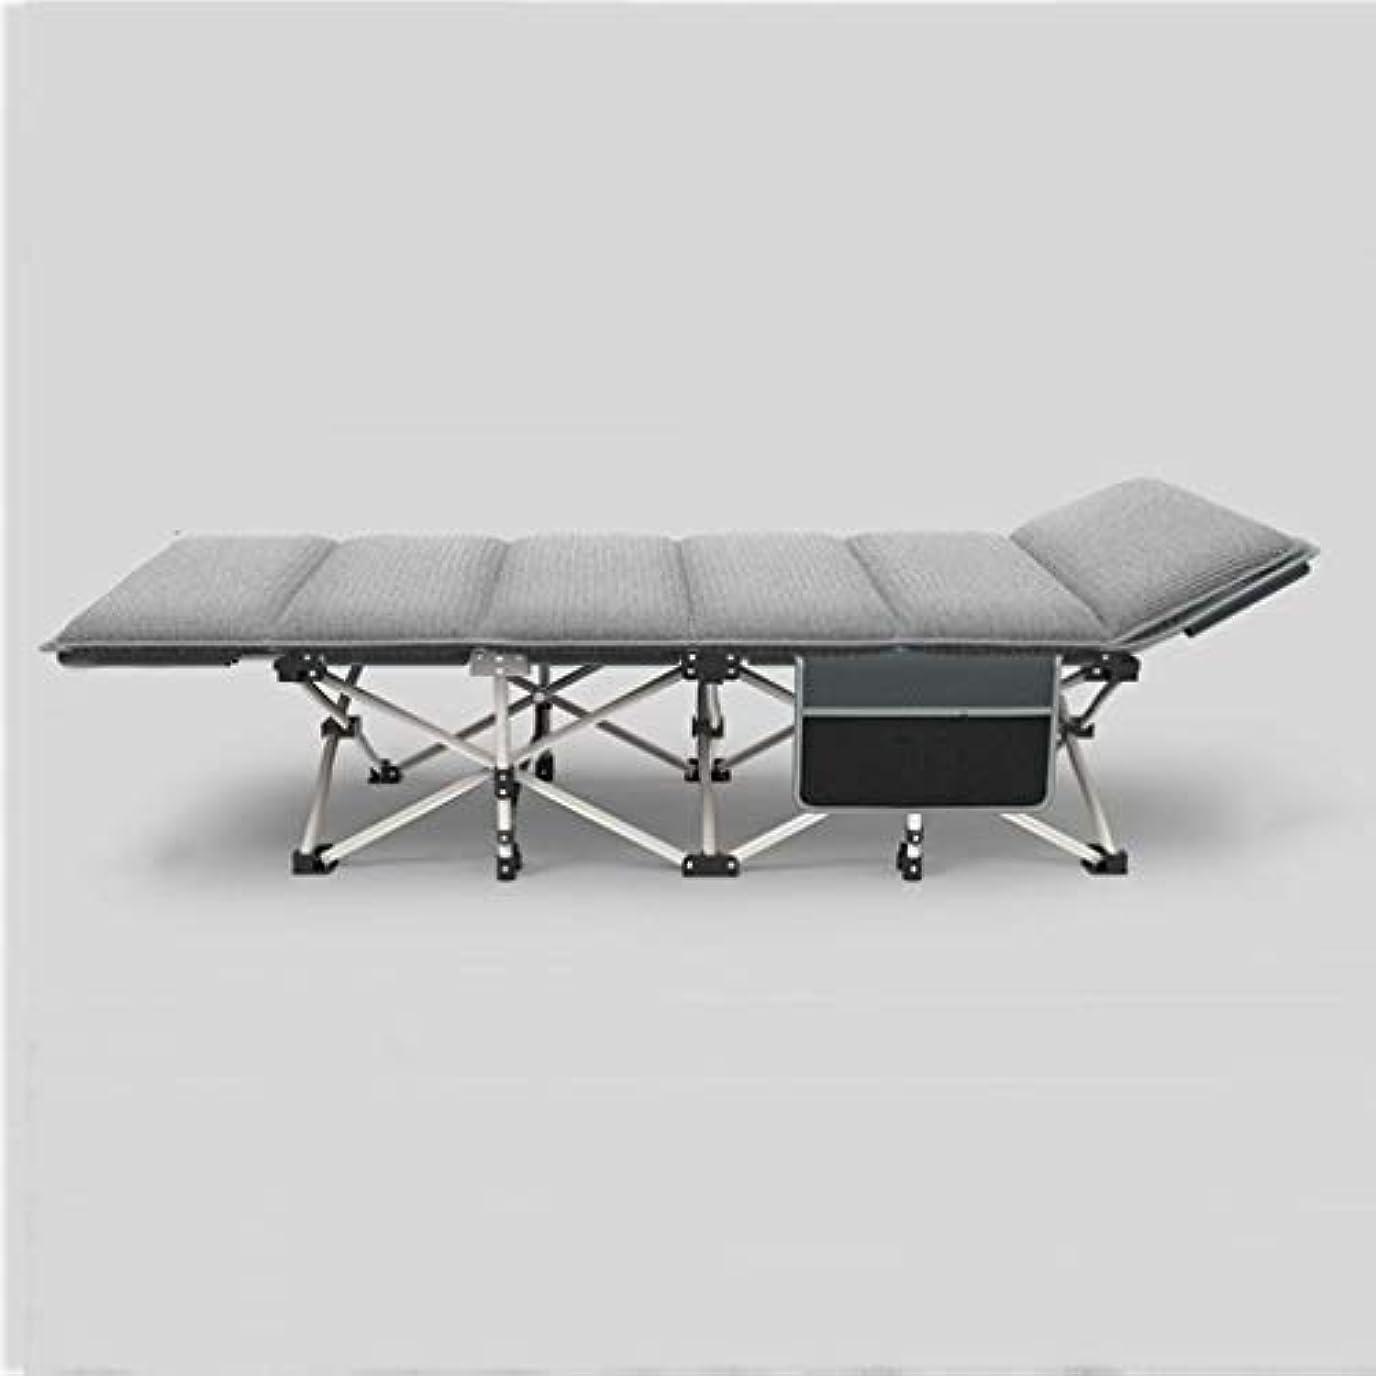 理由綺麗なコンバーチブル折りたたみベッドシングルオフィスシエスタベッドで耐候性オックスフォード布キャンプベッド病院ベッドゲストベッド付き収納バッグ,c